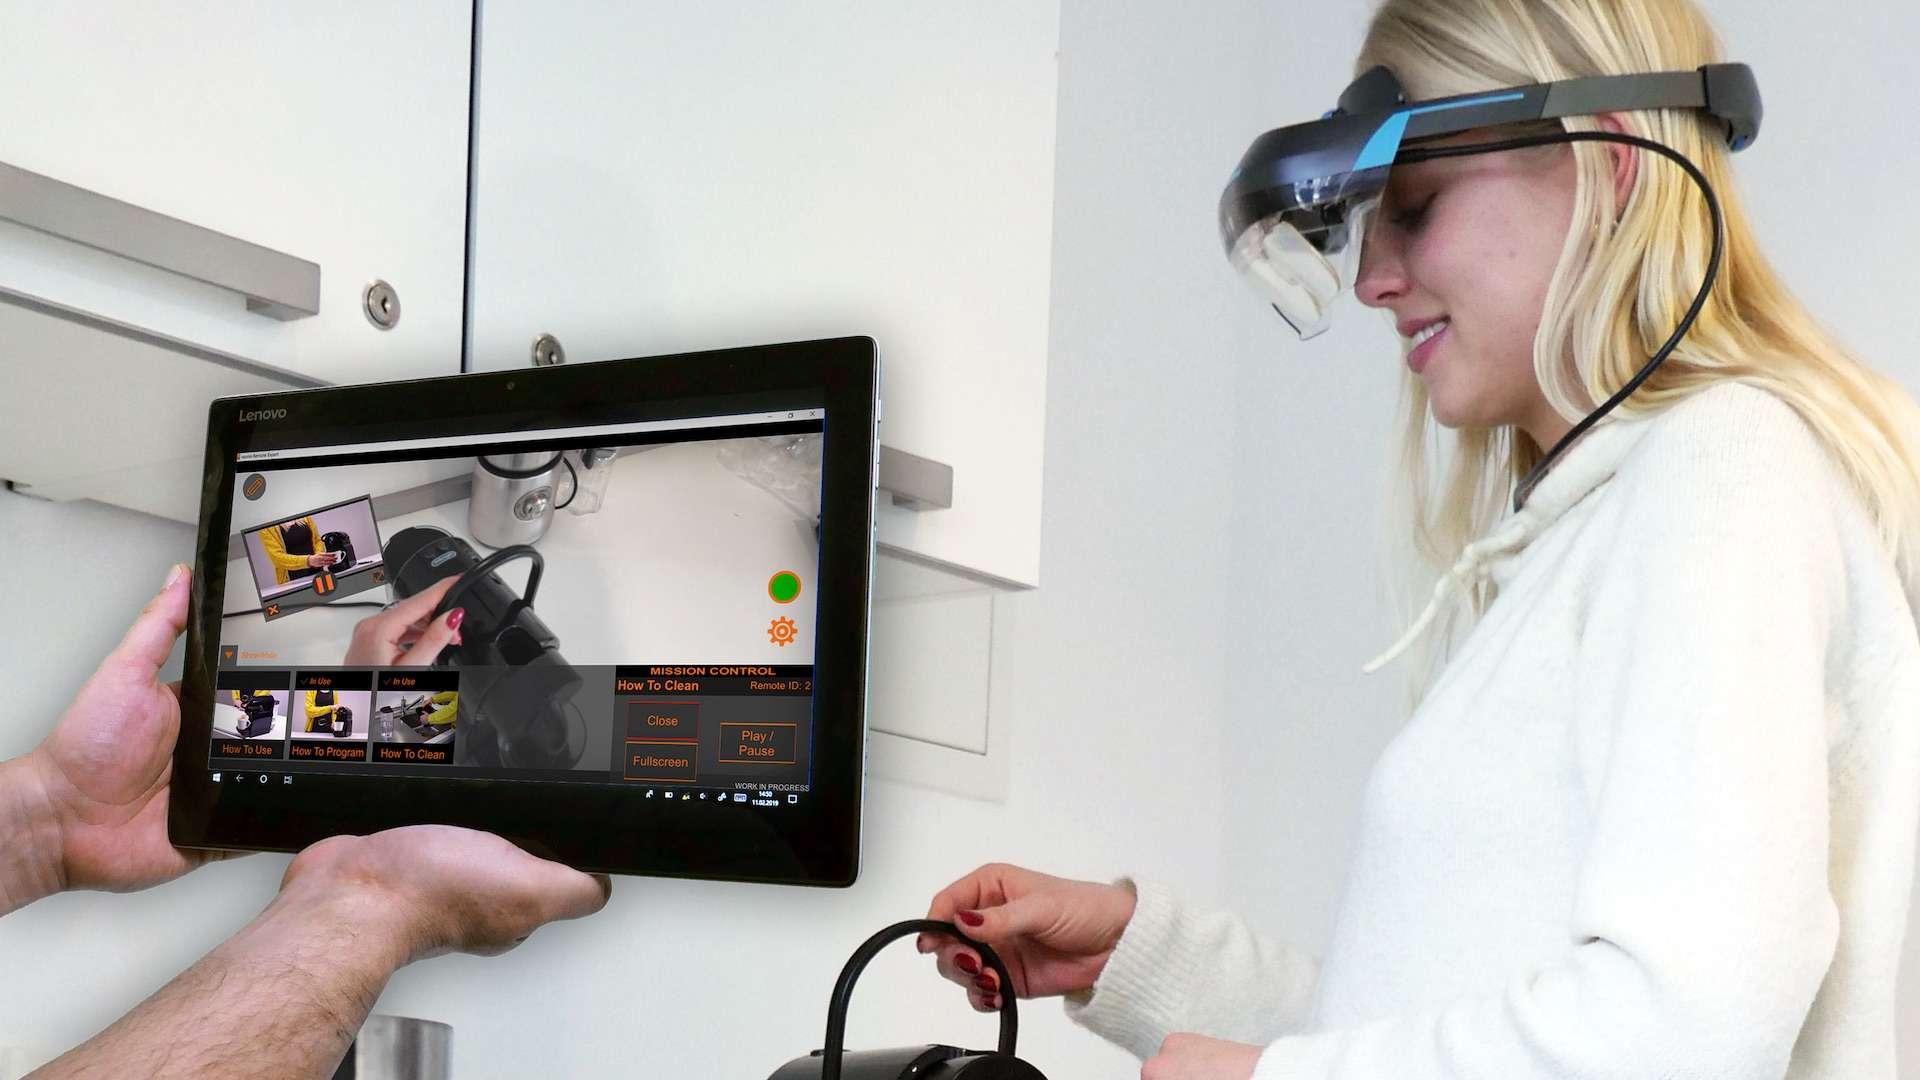 Eine Frau trägt eine AR-Brille und bedient eine Maschine, im linken Teil des Bildes halten zwei Hände ein Tablet auf der eine AR-Lösung zu sehen ist